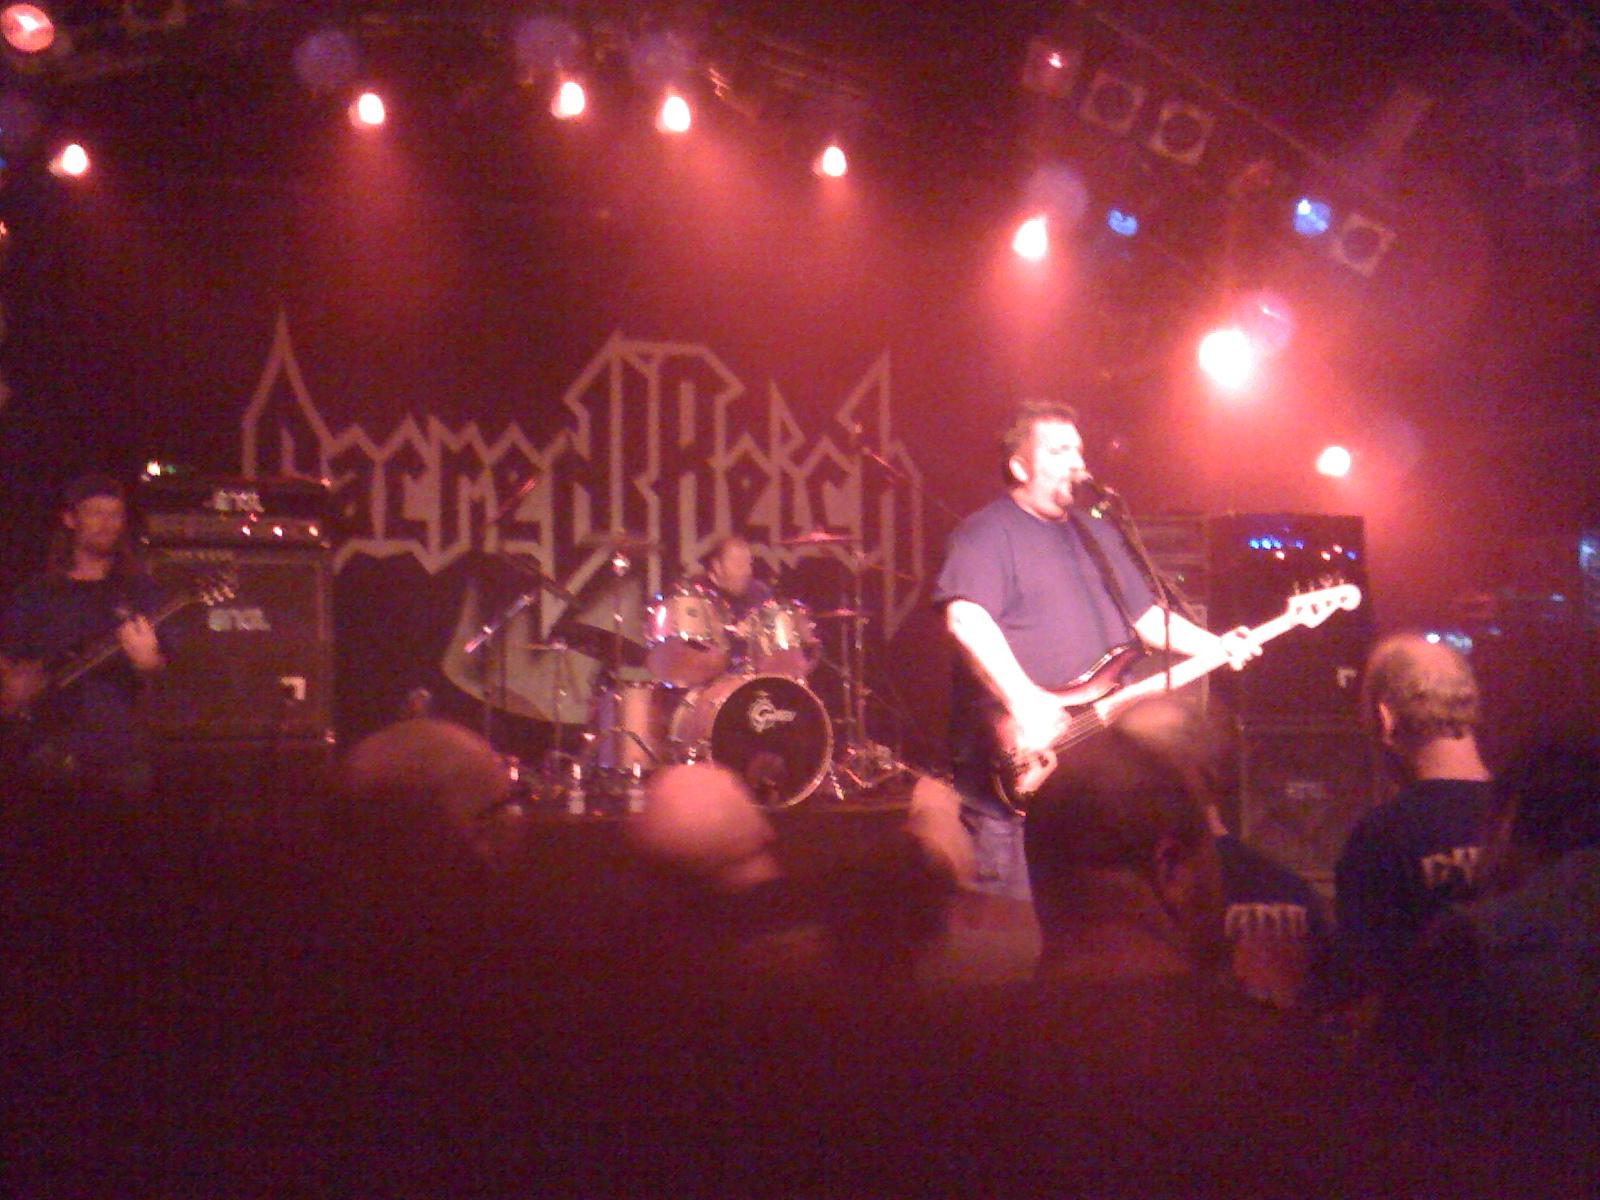 sacred reich @markthalle, hamburg, 10.06.2012